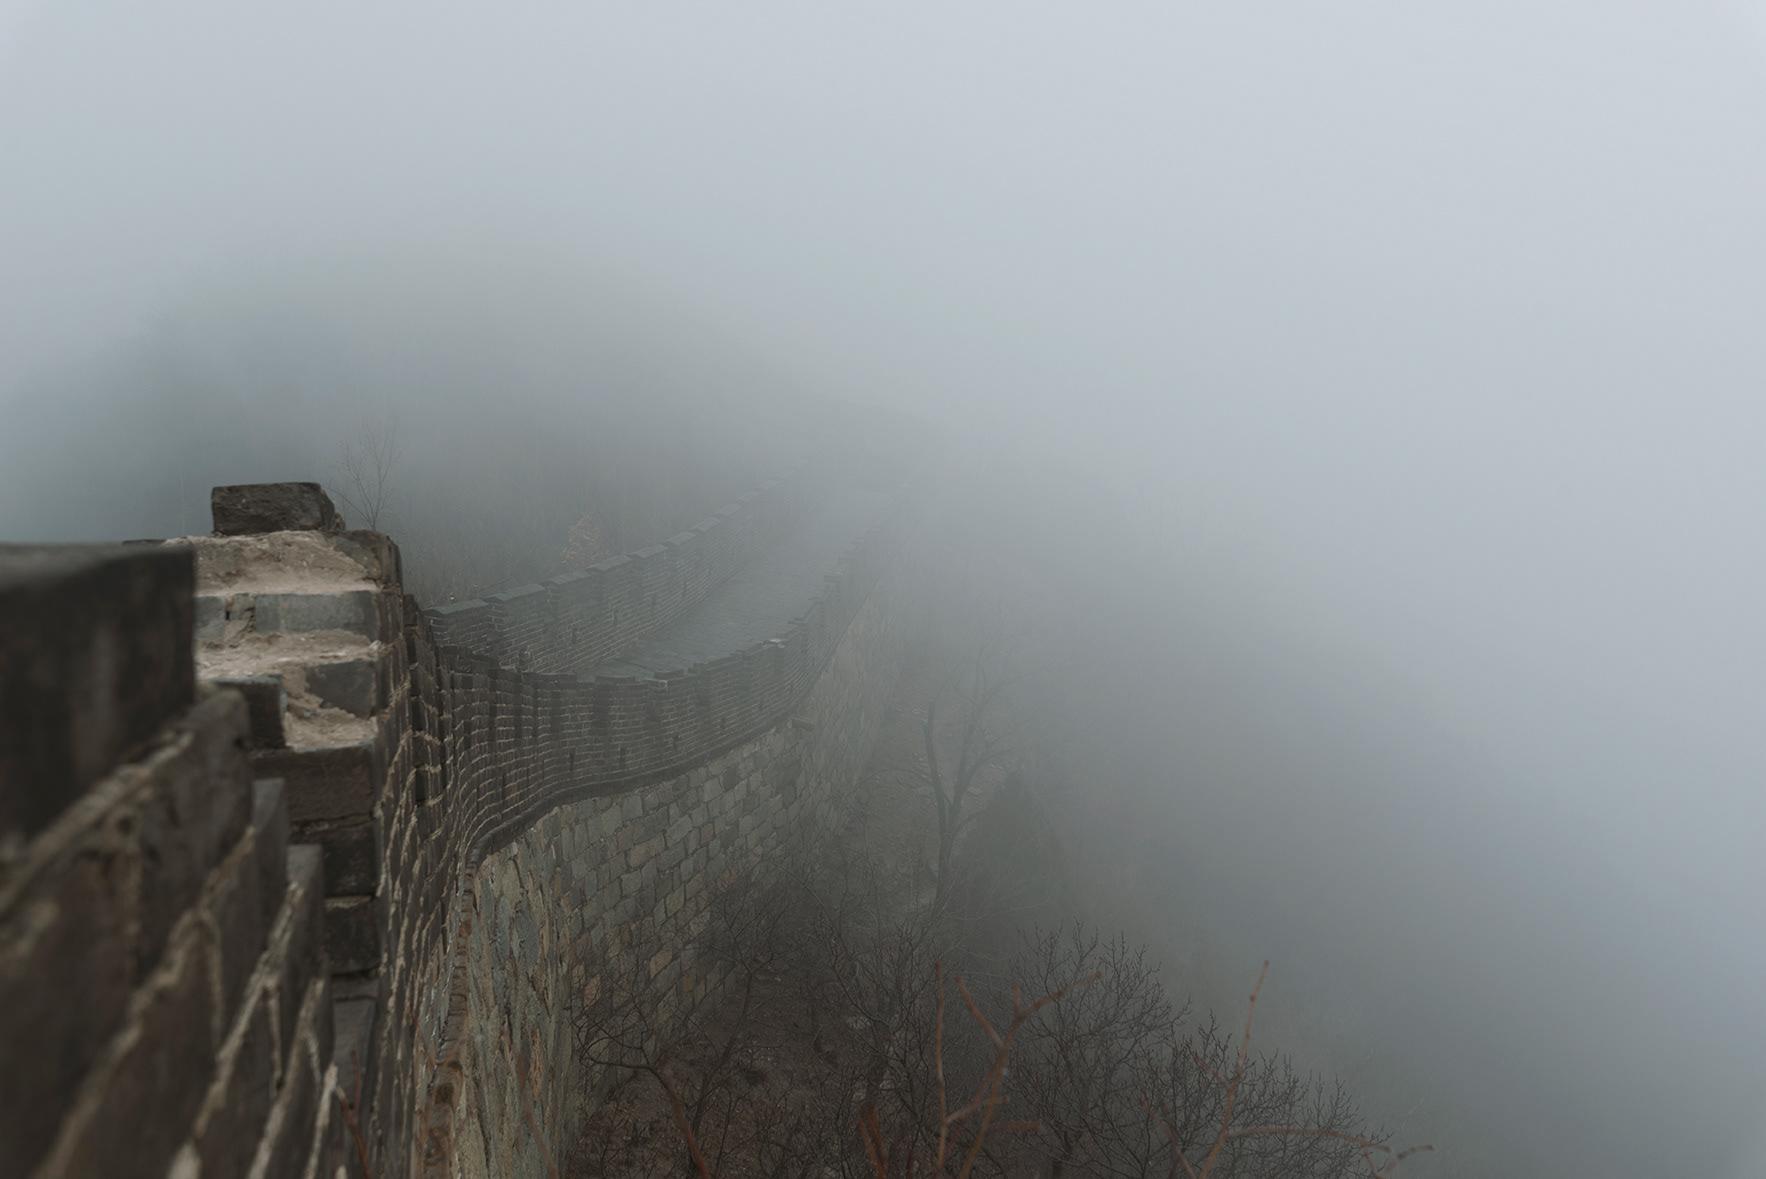 Fotografía de la muralla china cubierta de niebla